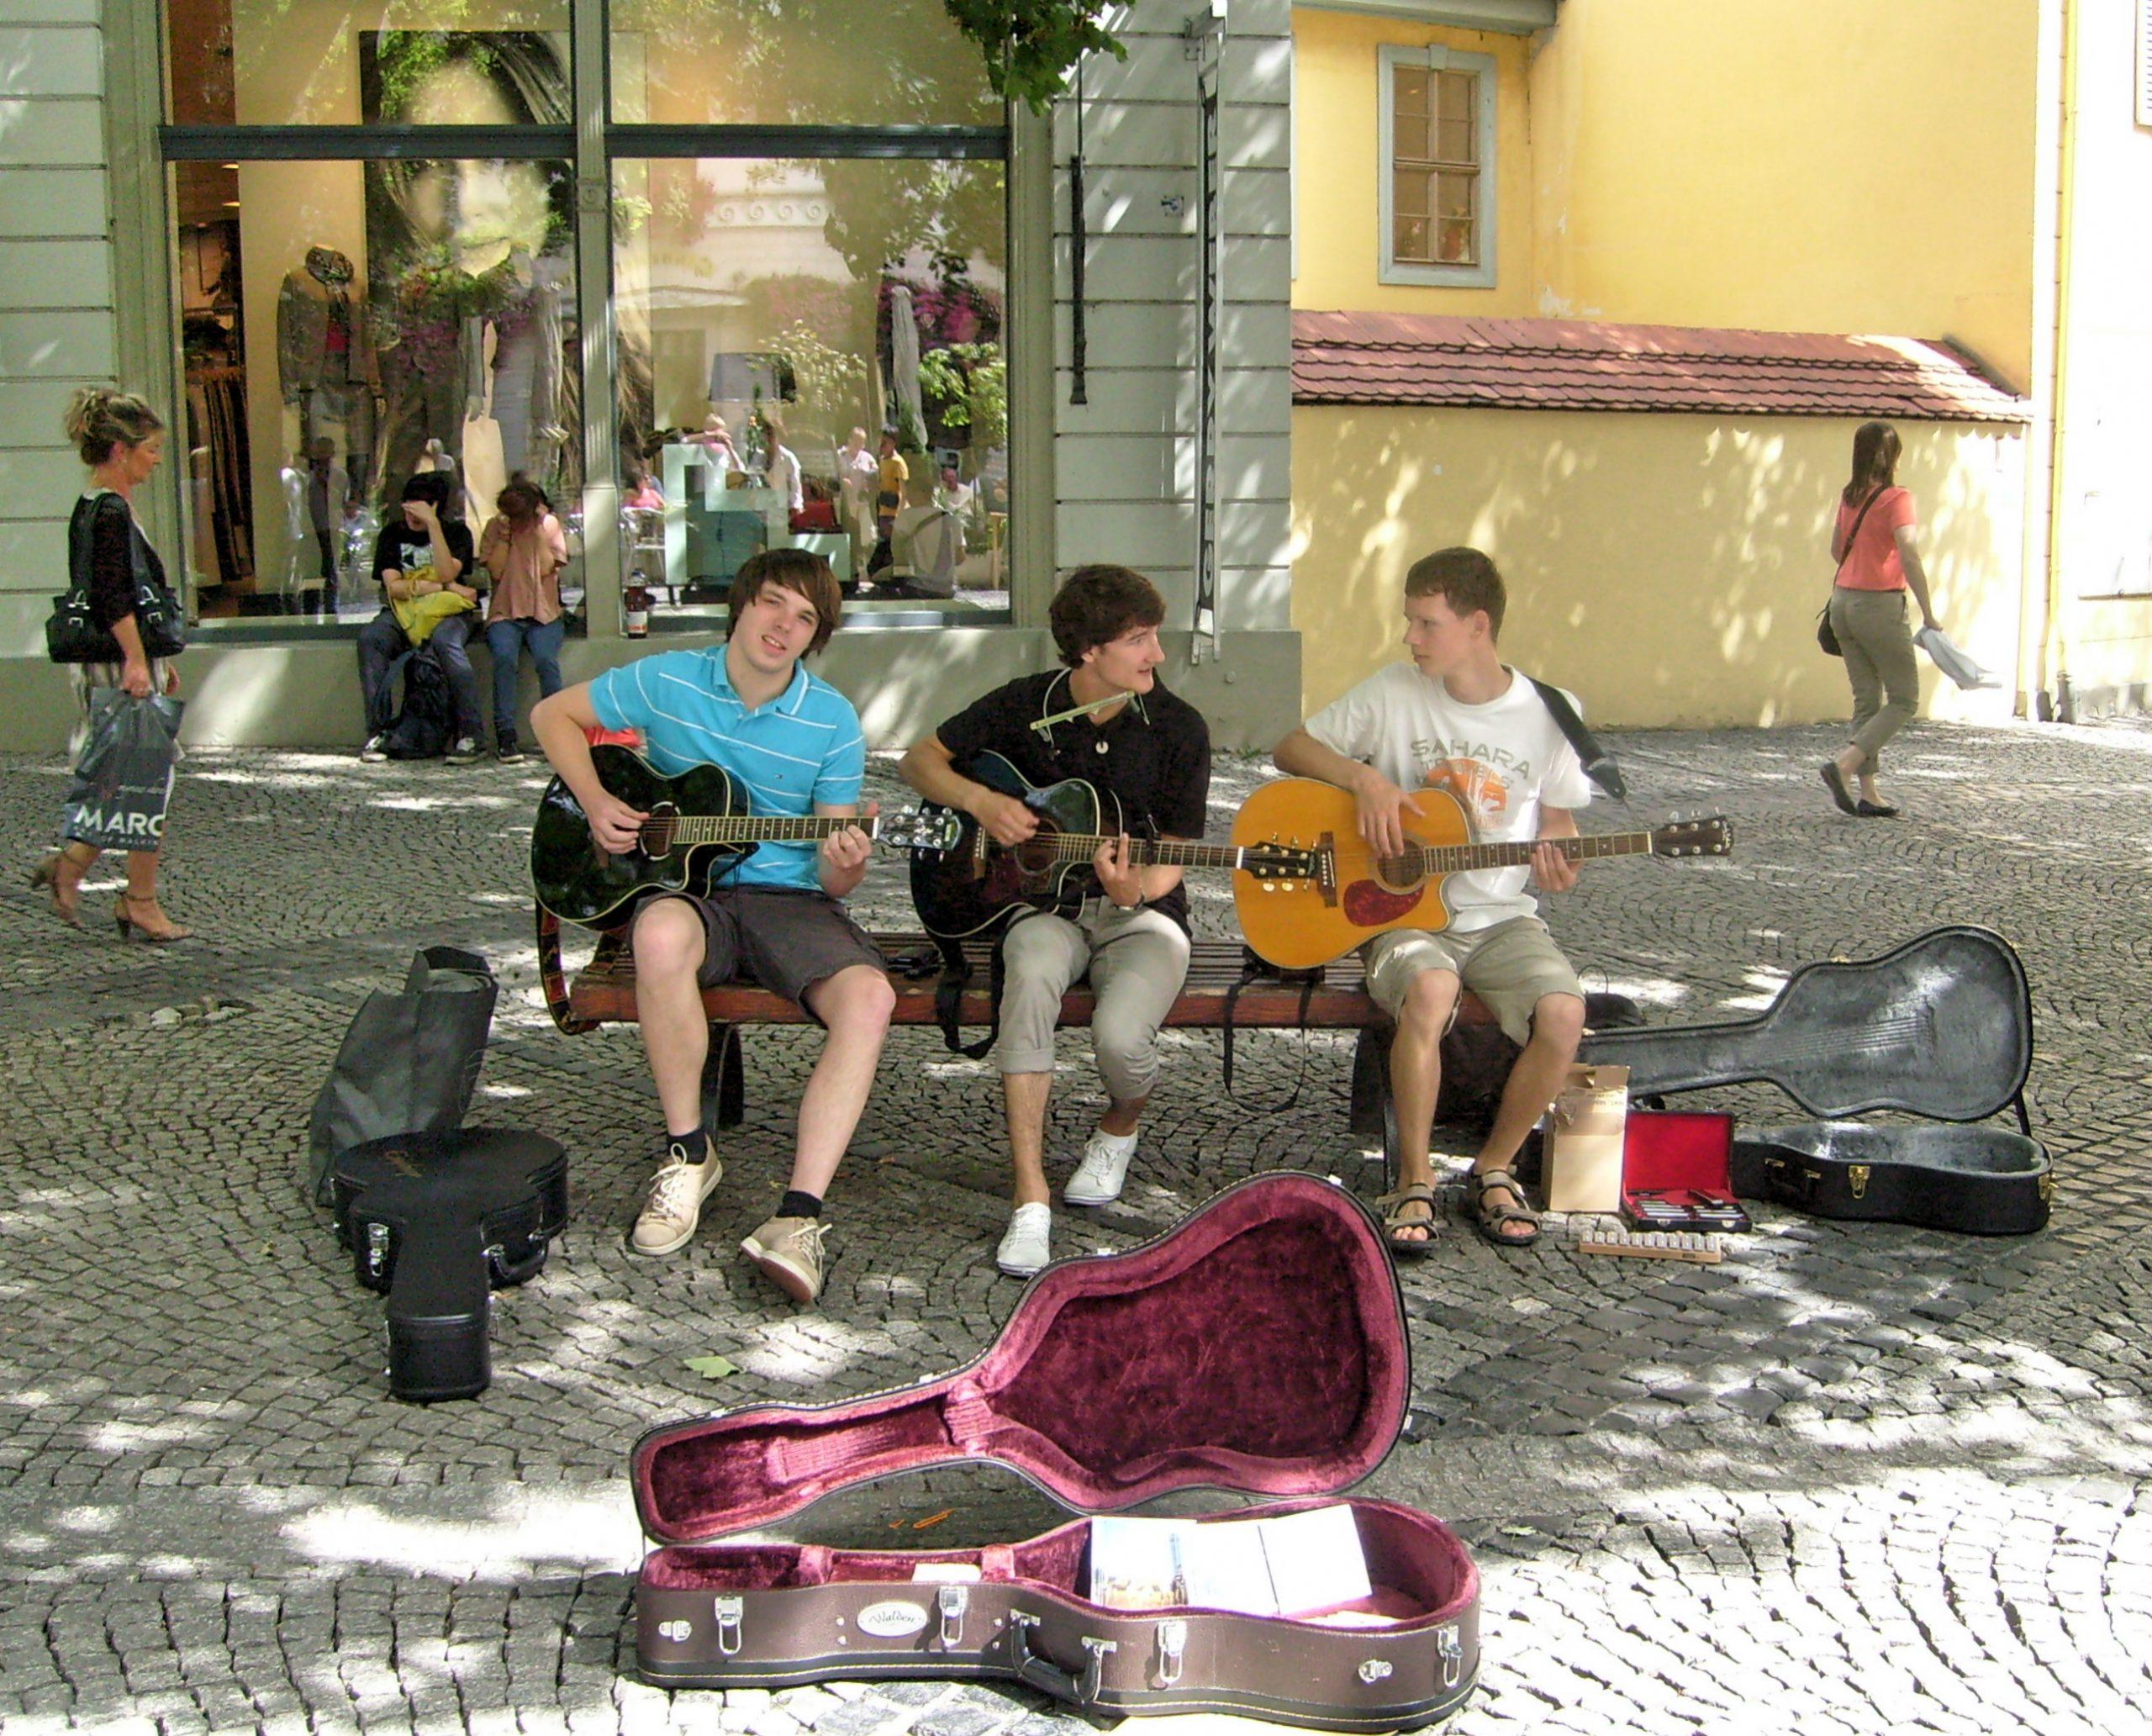 Foto der Singer-Songwriter-Band Strandheizung in Weimar 2012.